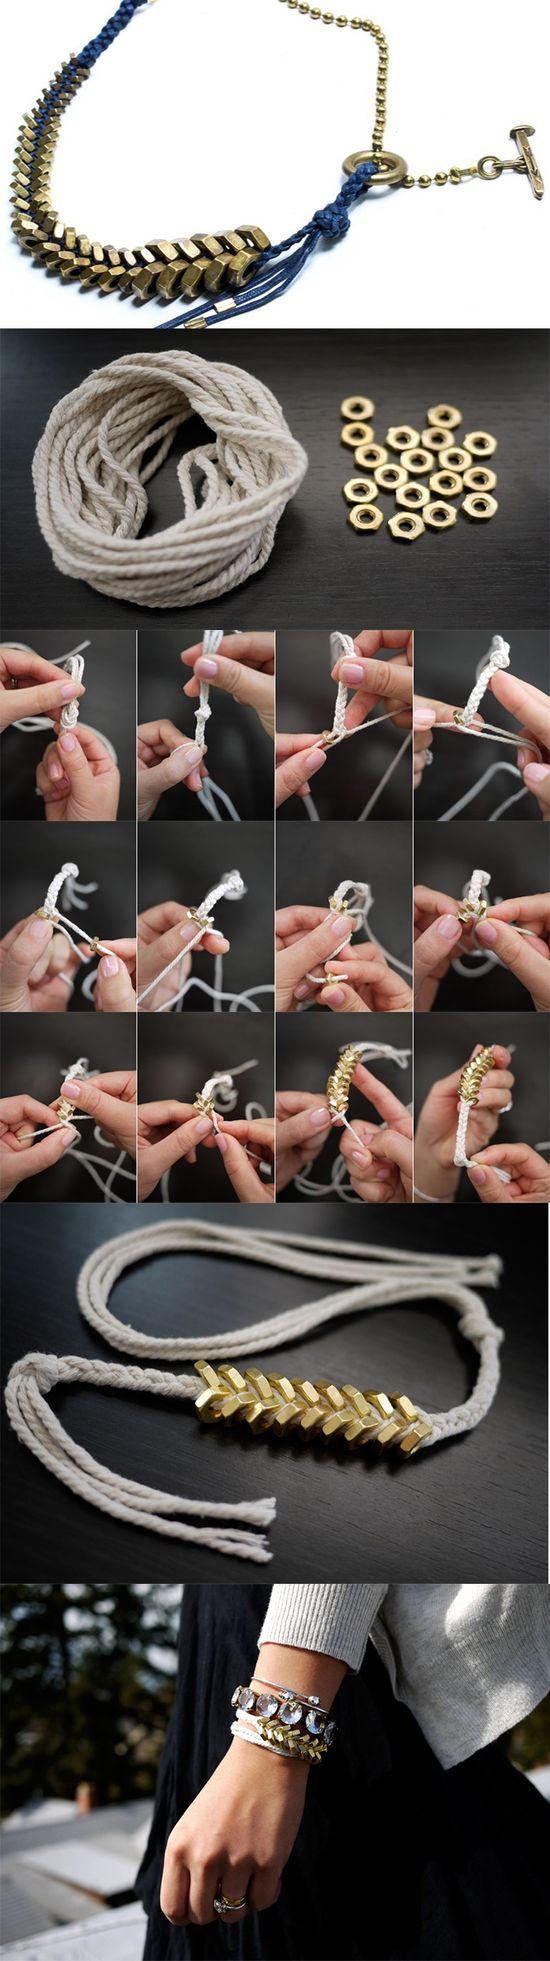 Braided  Bracelet. Love it!